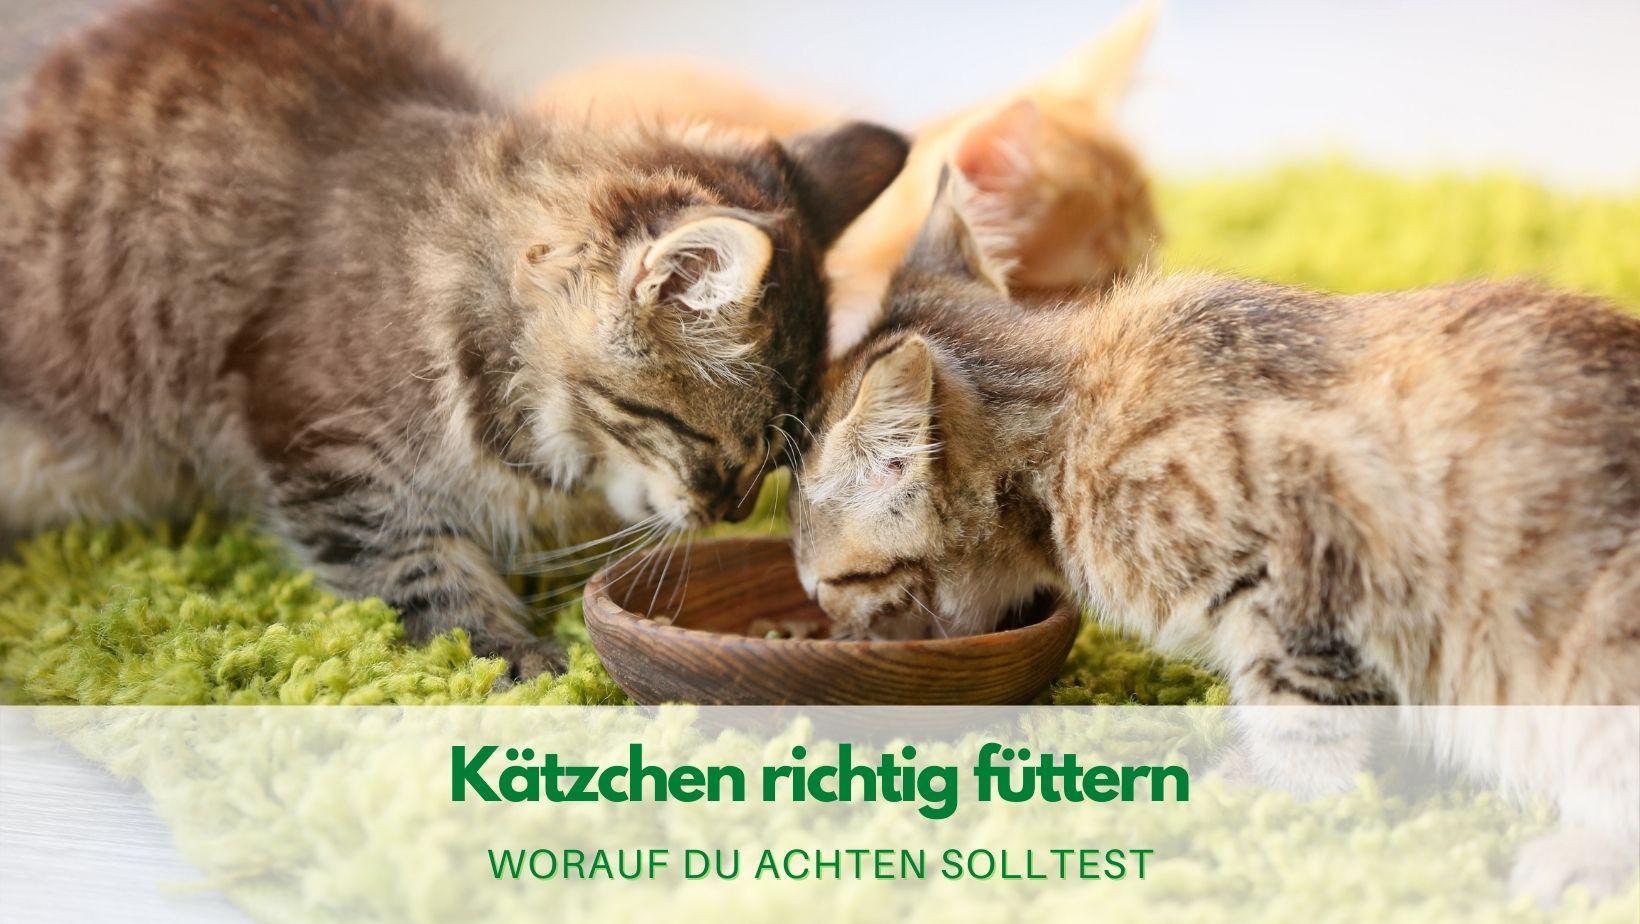 Kätzchen richtig füttern